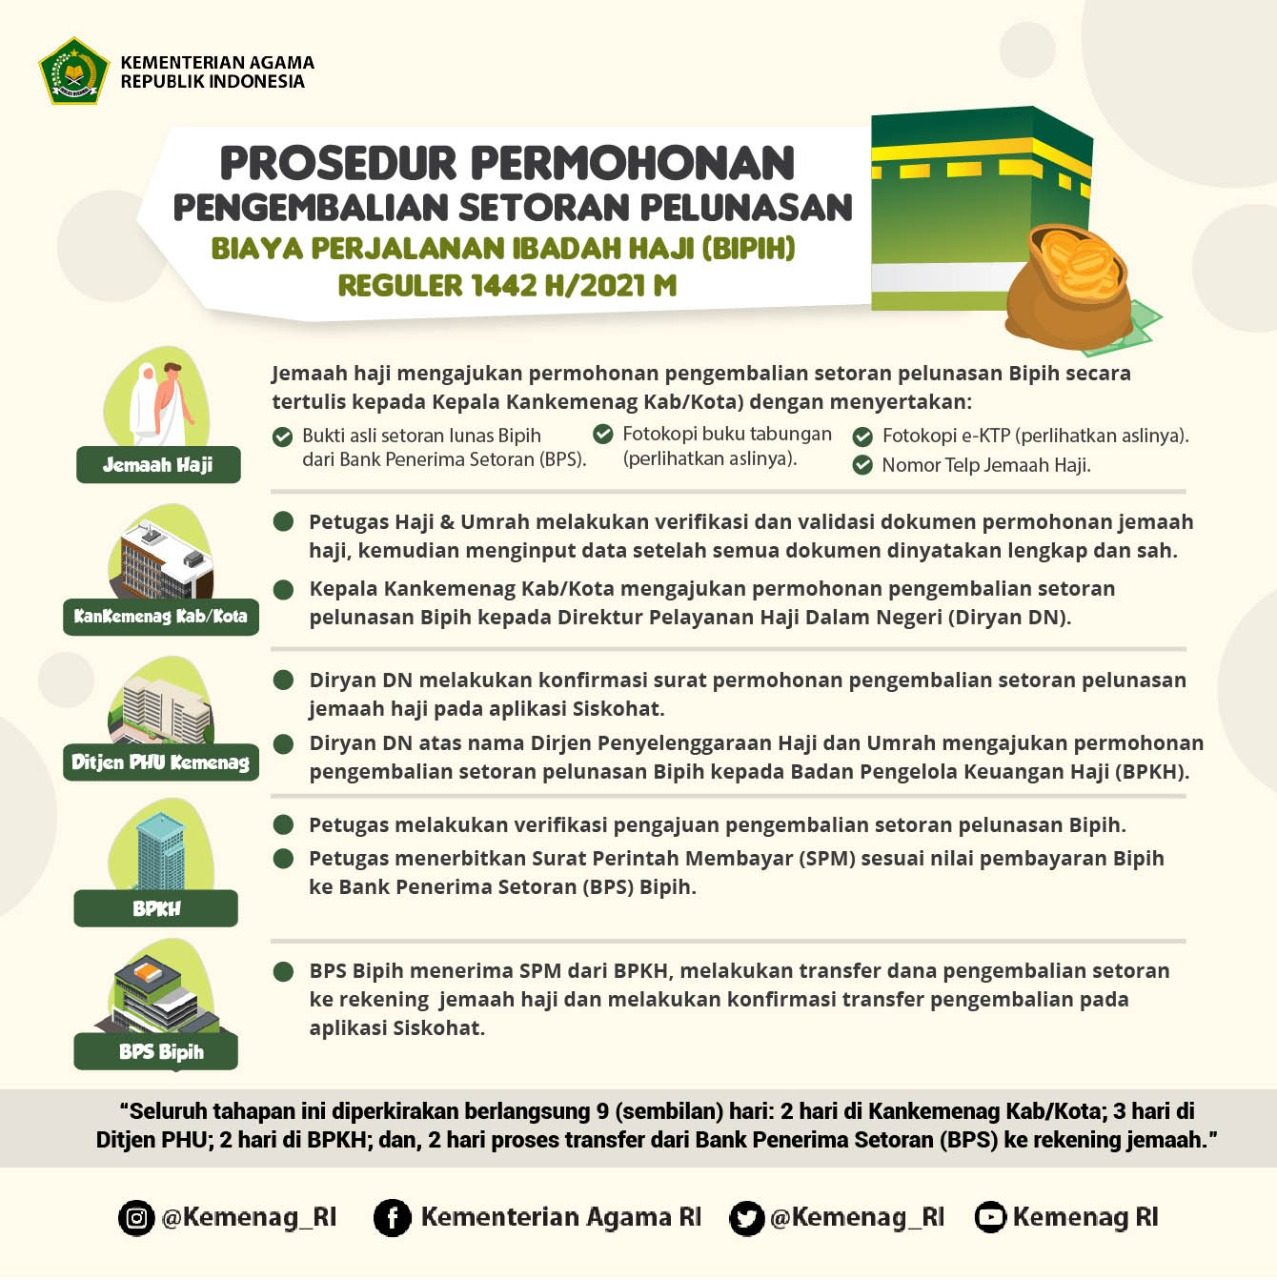 tahapan dan prosedur pengembalian setoran lunas biaya haji bipih reguler dan khusus 2021